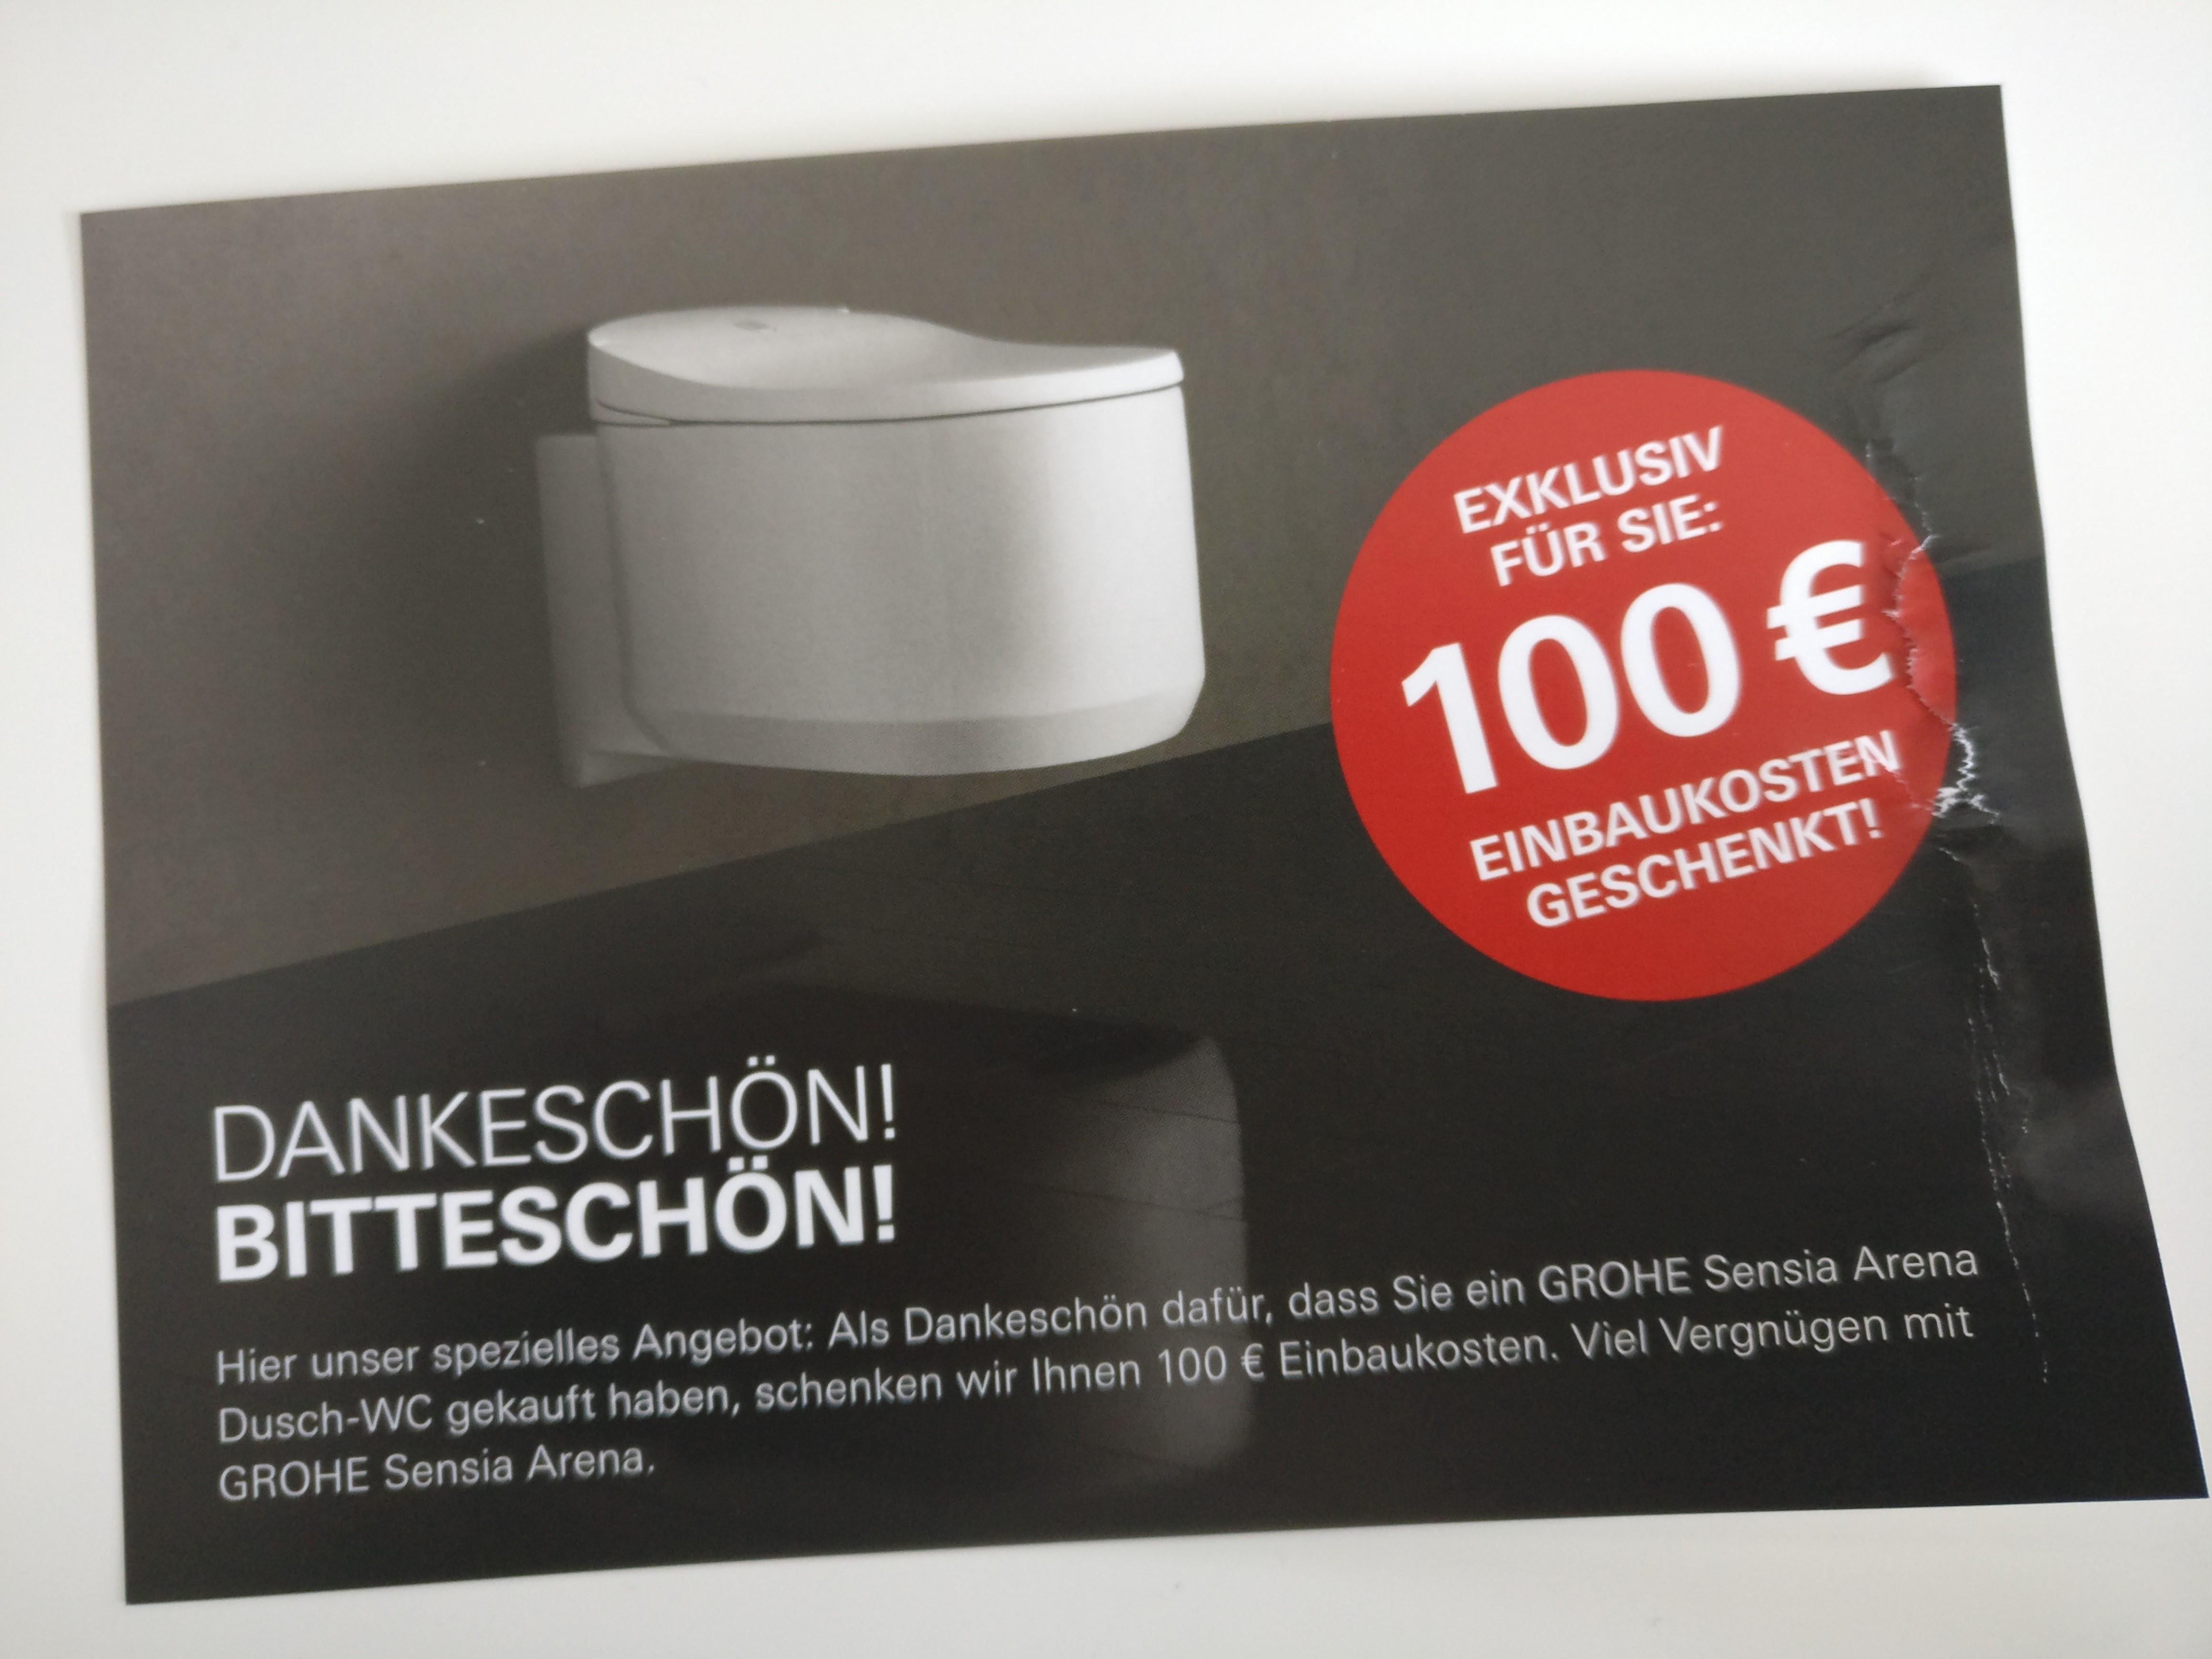 100€ (Einbaukosten-)Cashback bei GROHE Sensia Arena Dusch-WC [Gästeklo Deal]